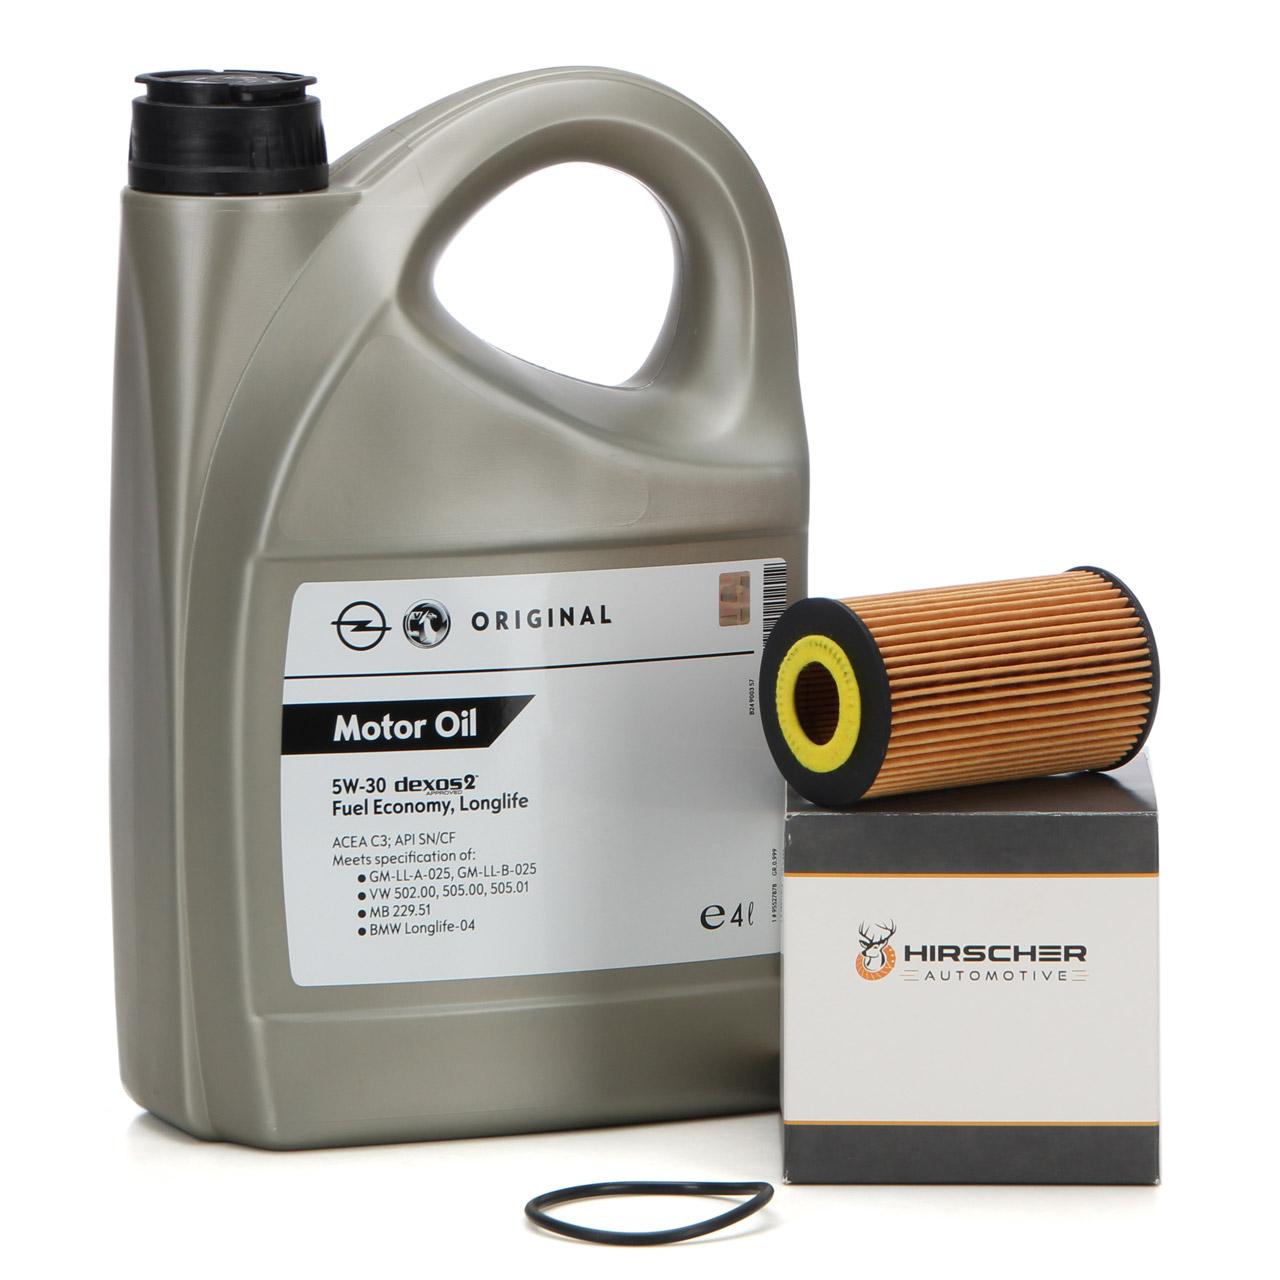 ORIGINAL GM Opel Öl 5W30 dexos2 4 Liter 95527878 + HIRSCHER Ölfilter 1.0-1.8